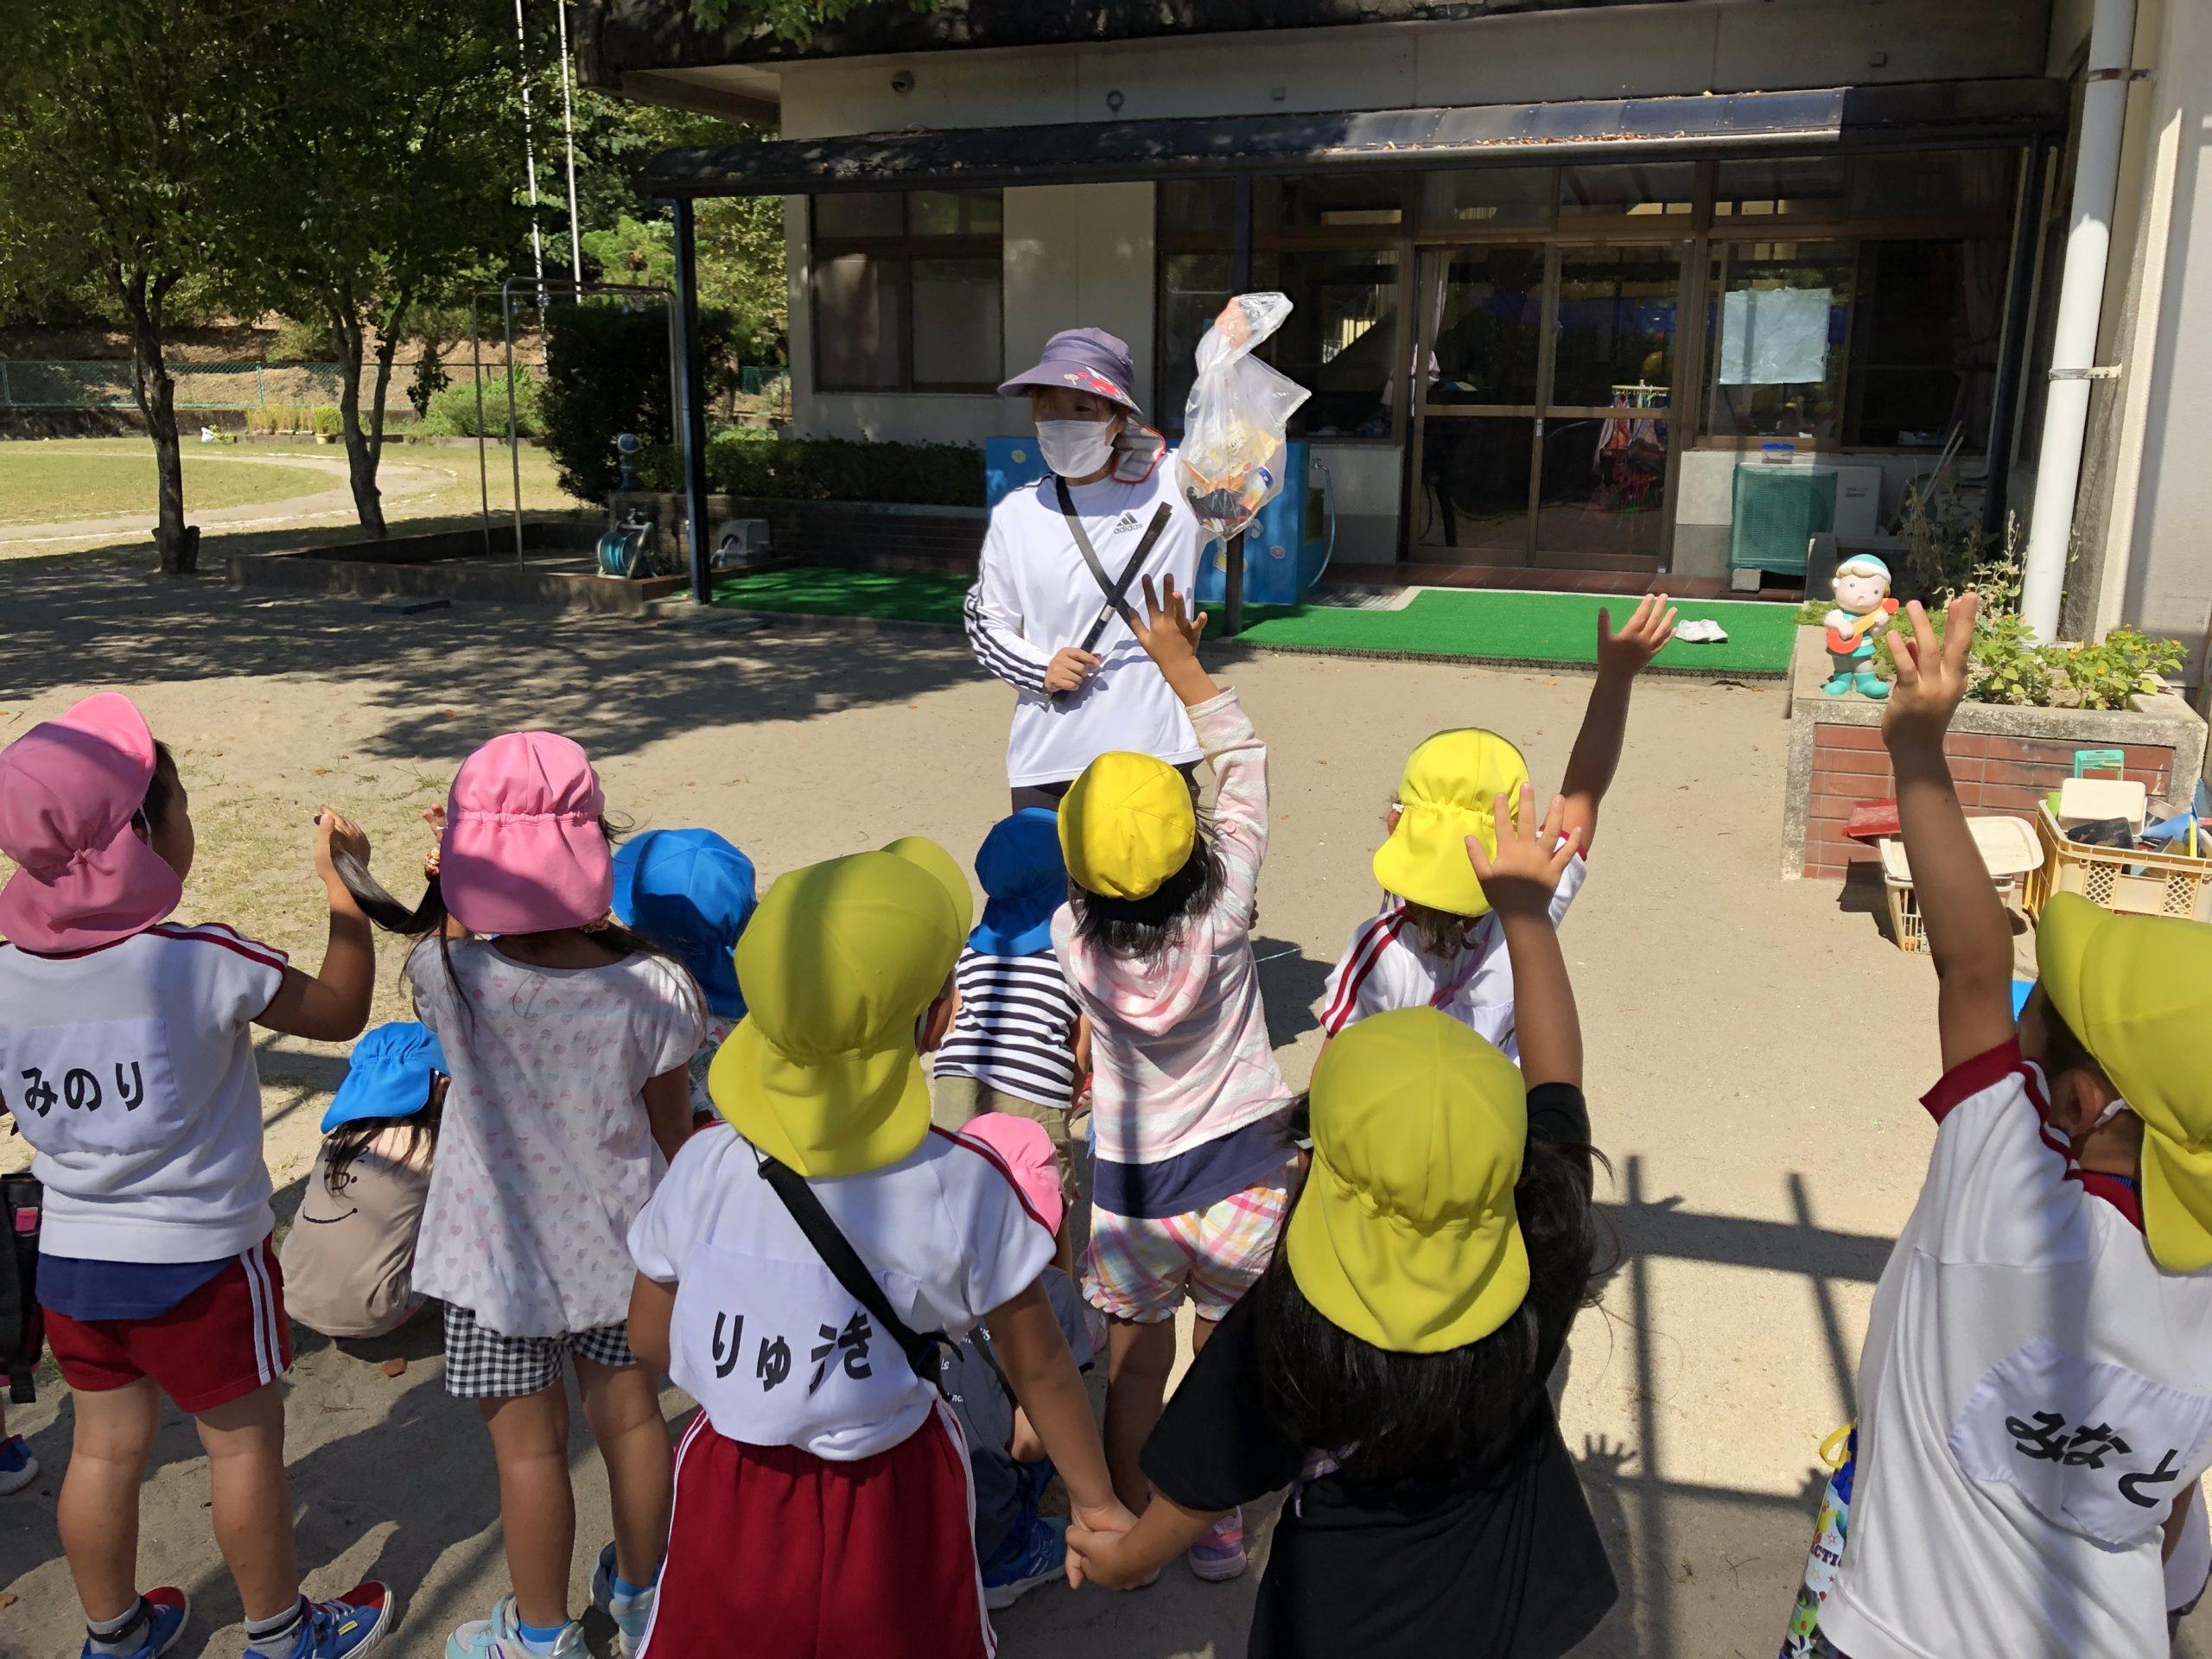 月に一度の赤十字奉仕活動。今回は、桜組、菊組で、大村町のゴミ拾いに行ってきました。大きなゴミはないですが、小さなゴミを子どもたちが発見👀ゴミは、ごみ箱へ捨てましょうね〜。